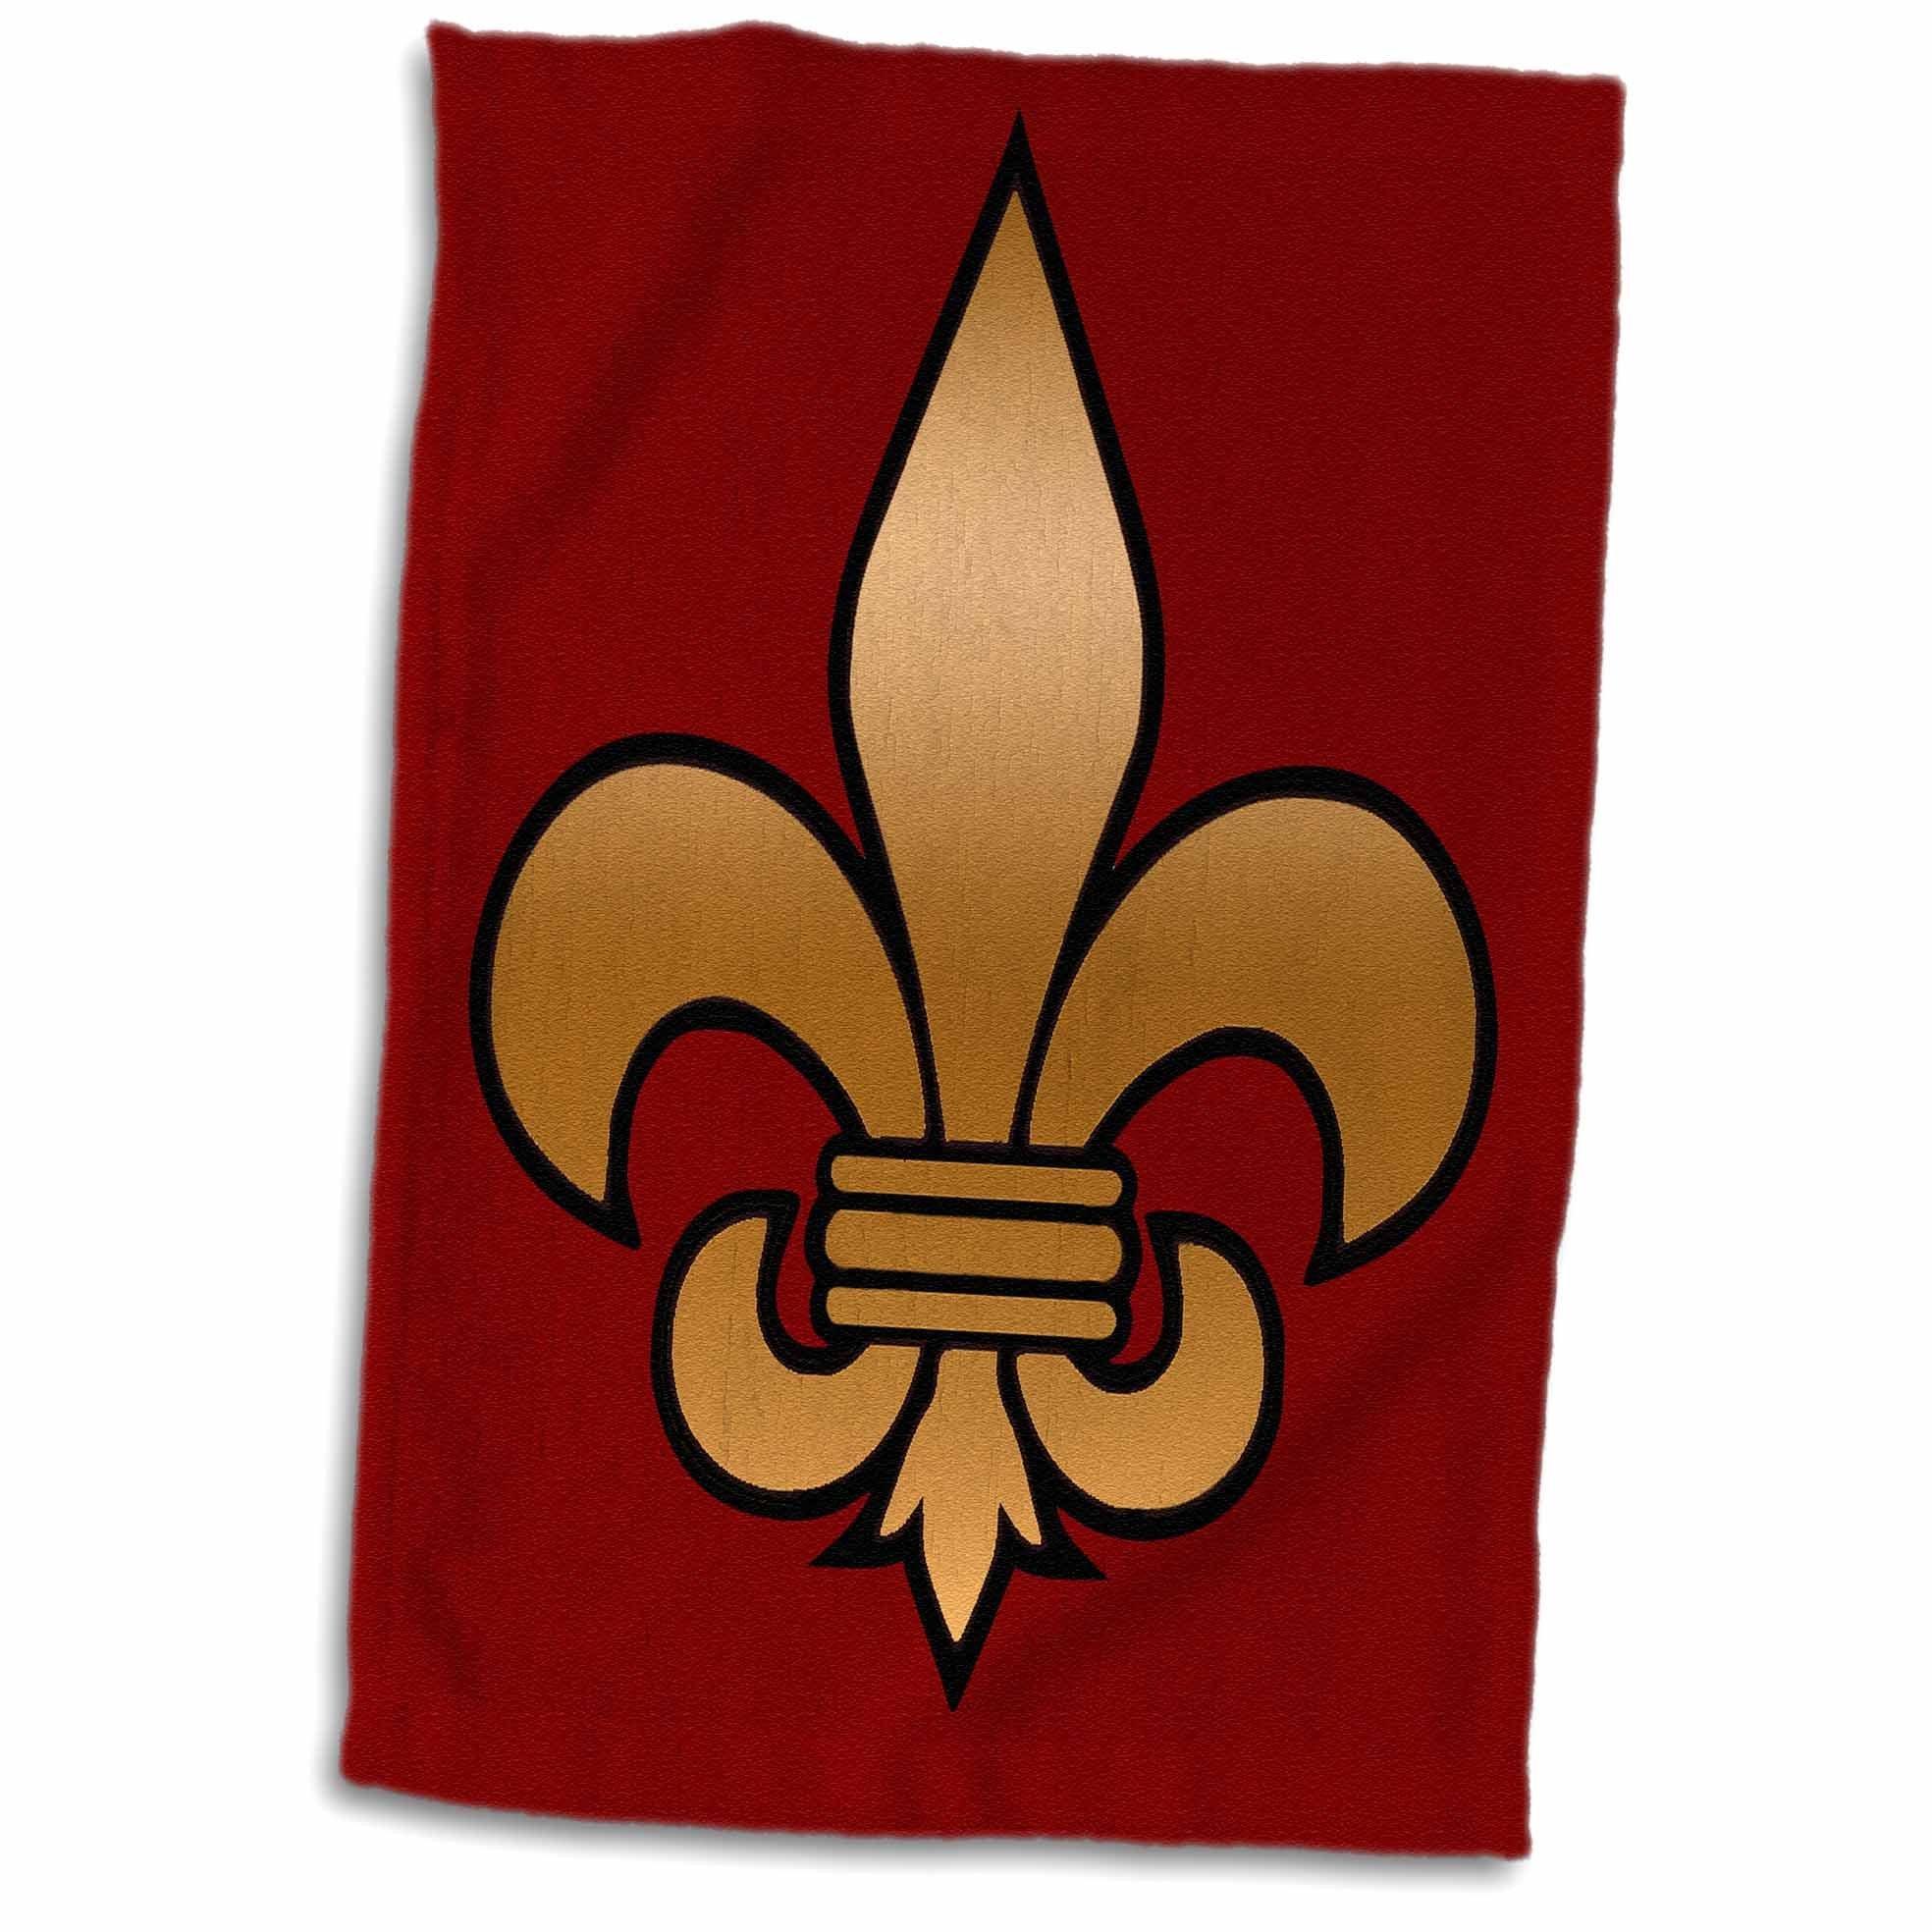 3D Rose Large Black and Gold Fleur De Lis on Maroon Background Christian Symbol twl_30760_1 Towel, 15'' x 22''